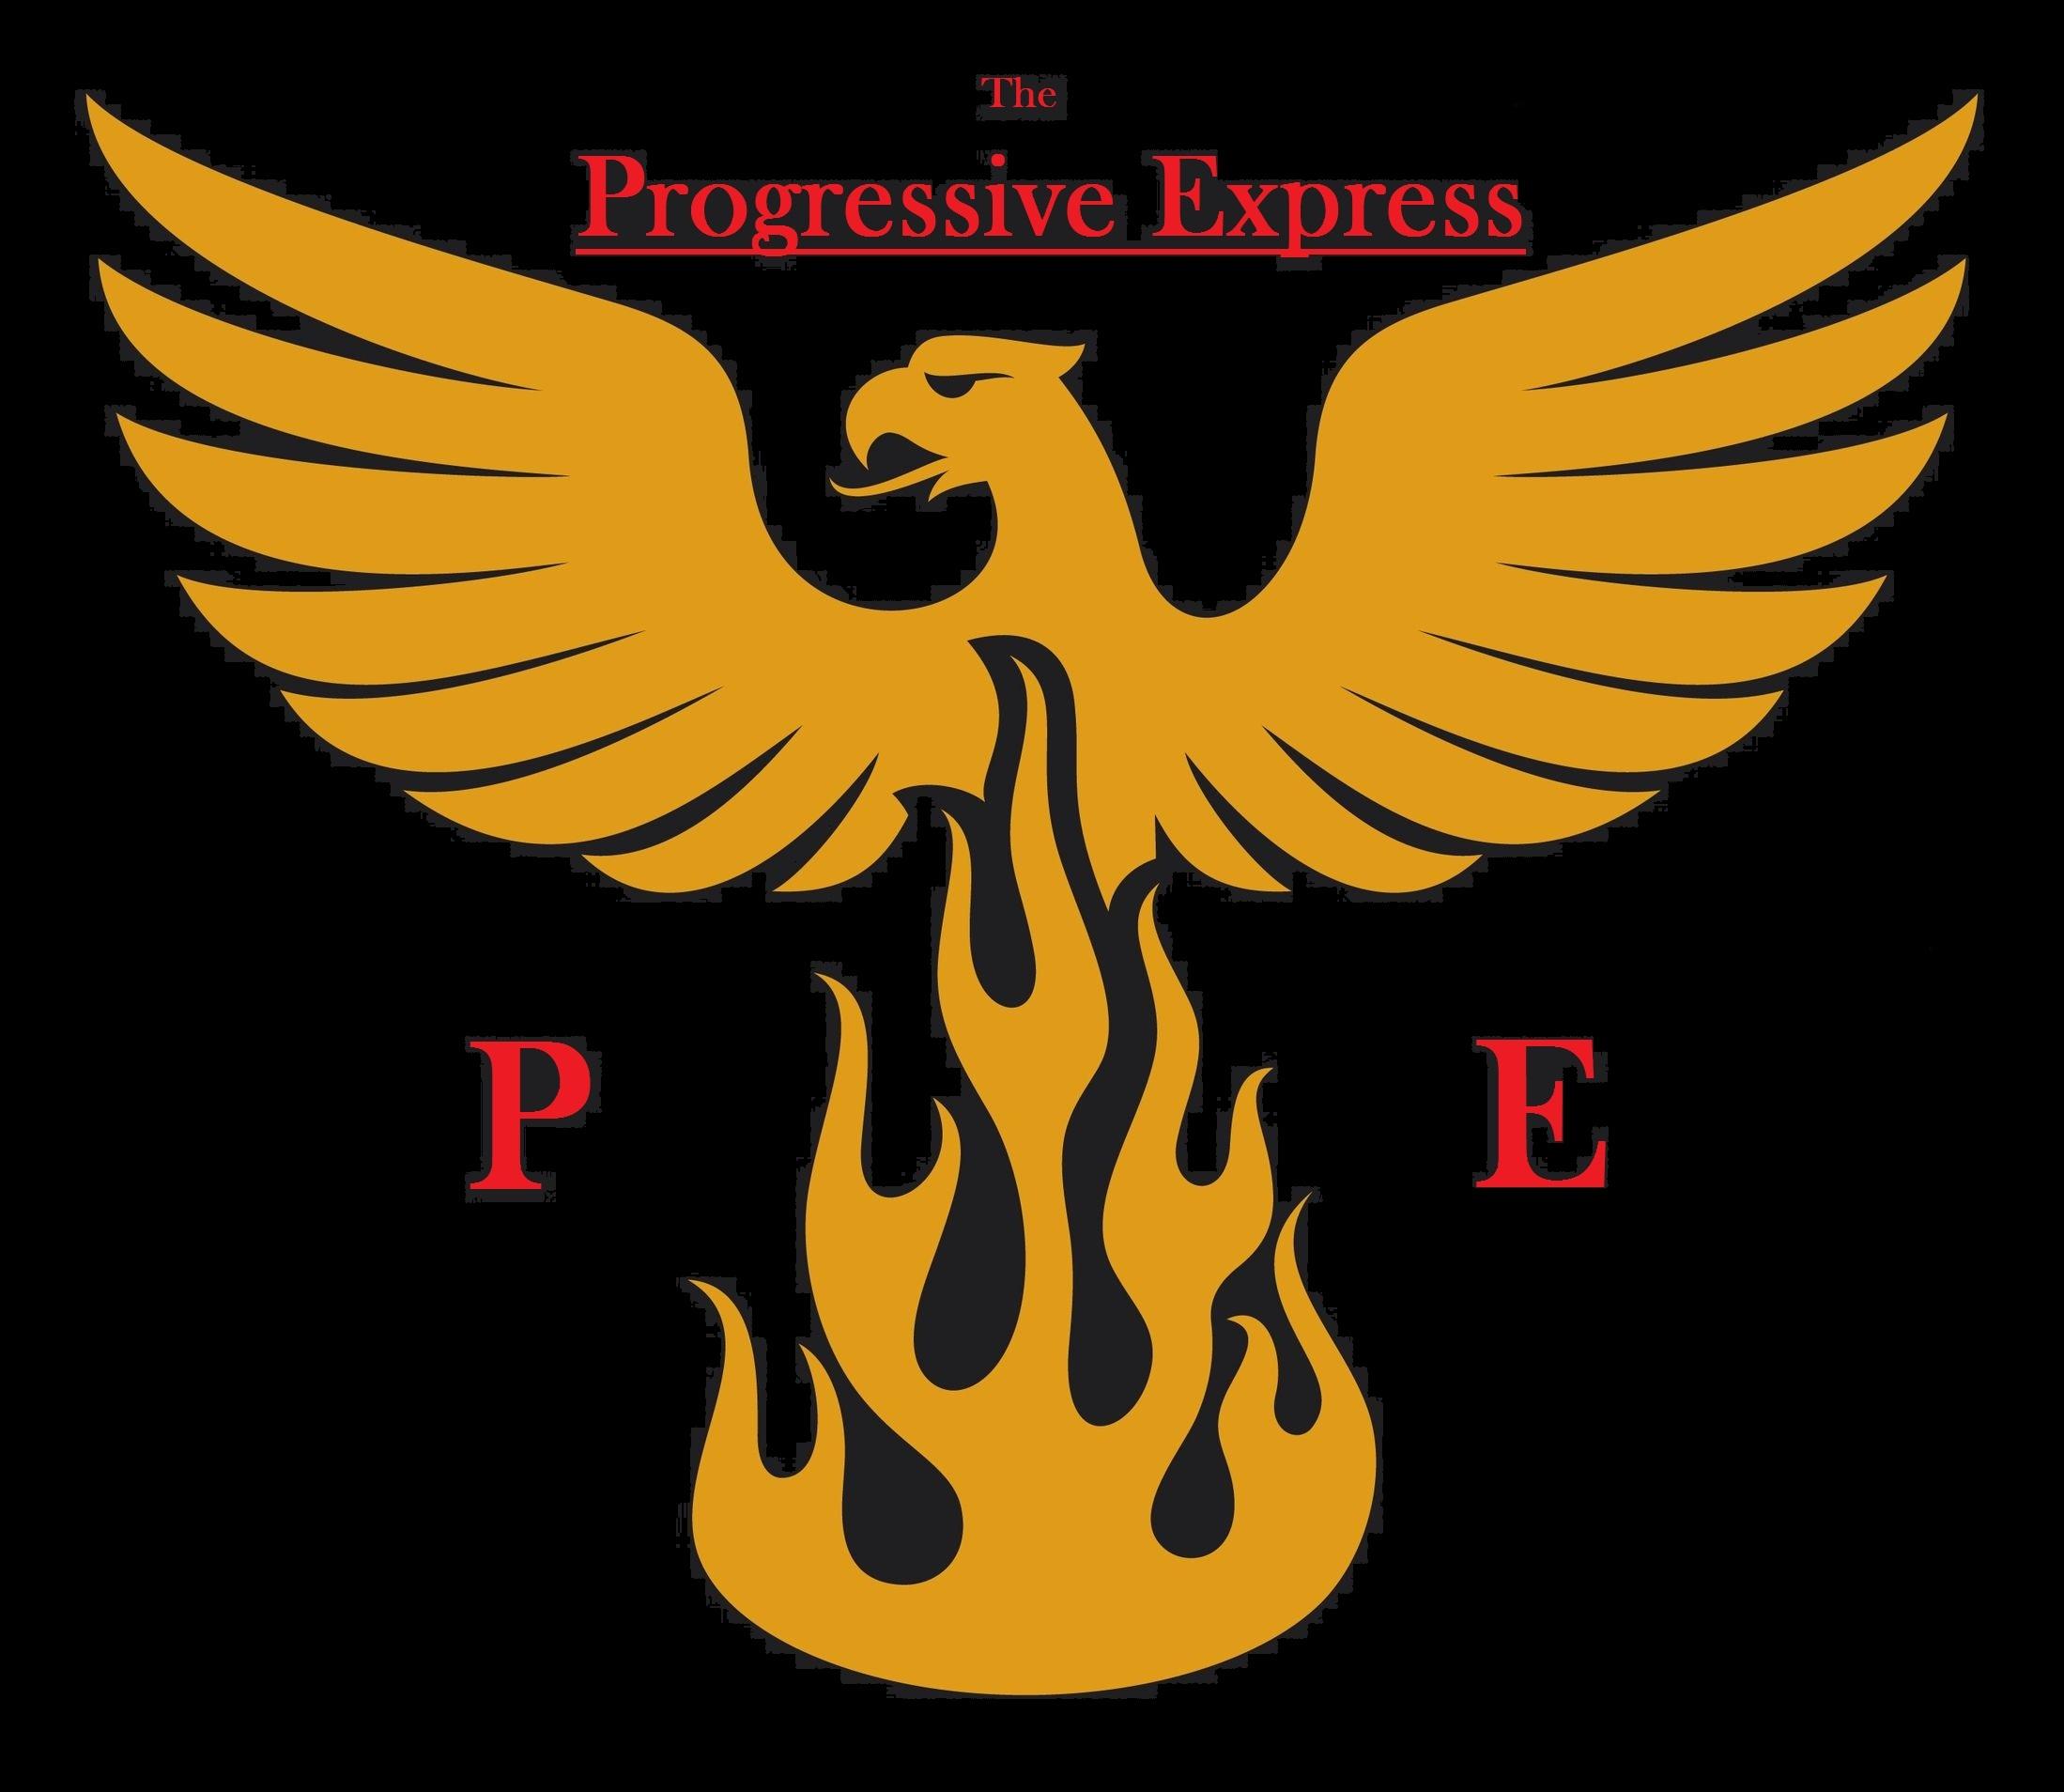 Progressive Express